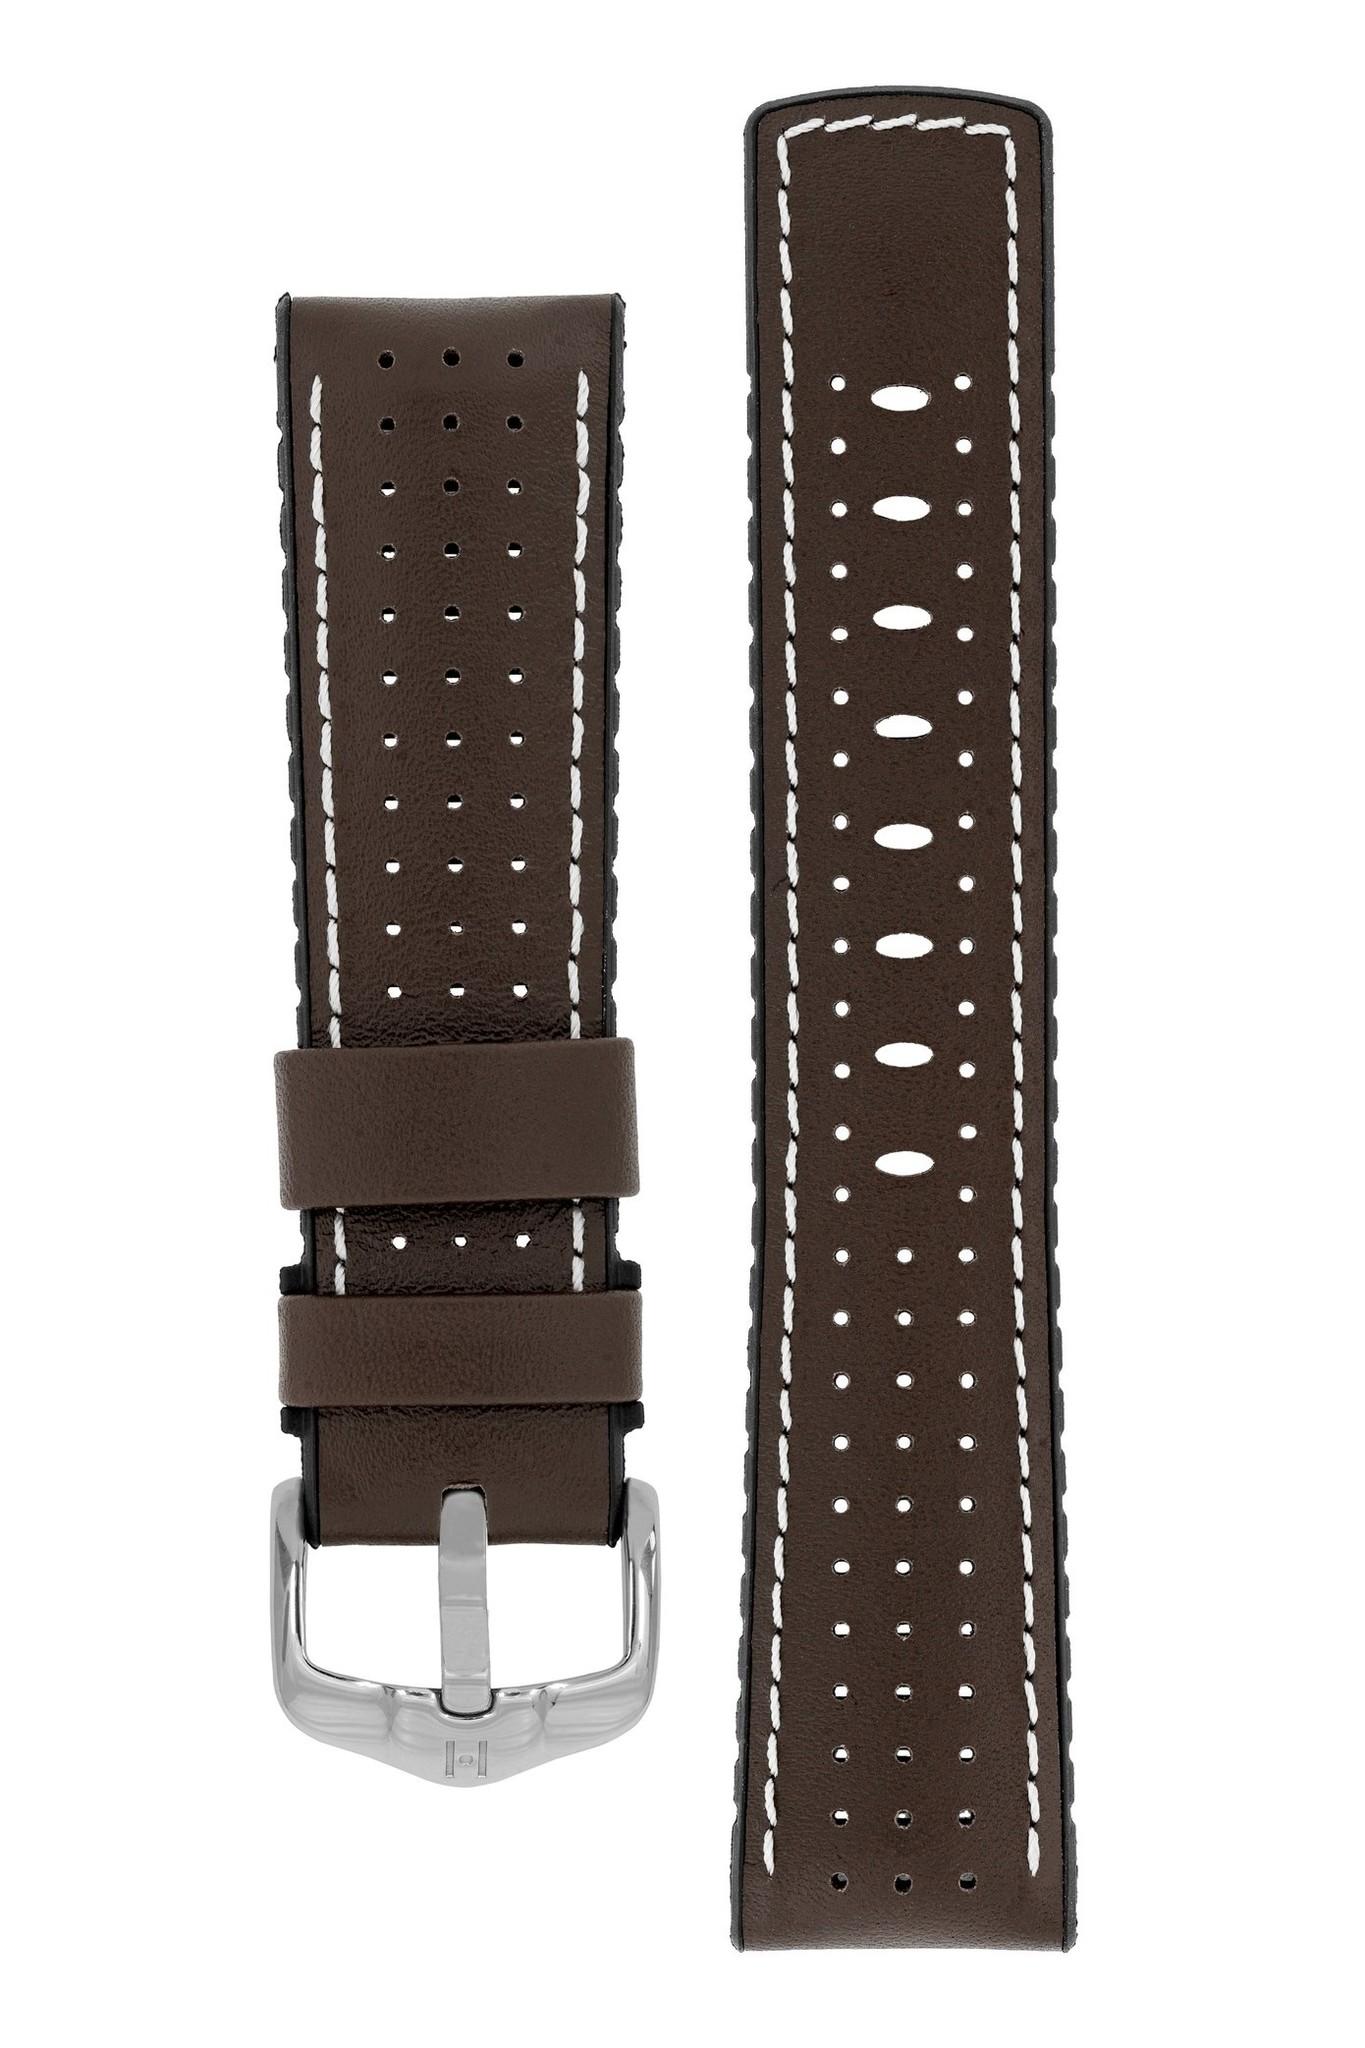 Horlogebandje Tiger Kalfsleer + Premium Caoutchouc (Rubber) 20 mm-6